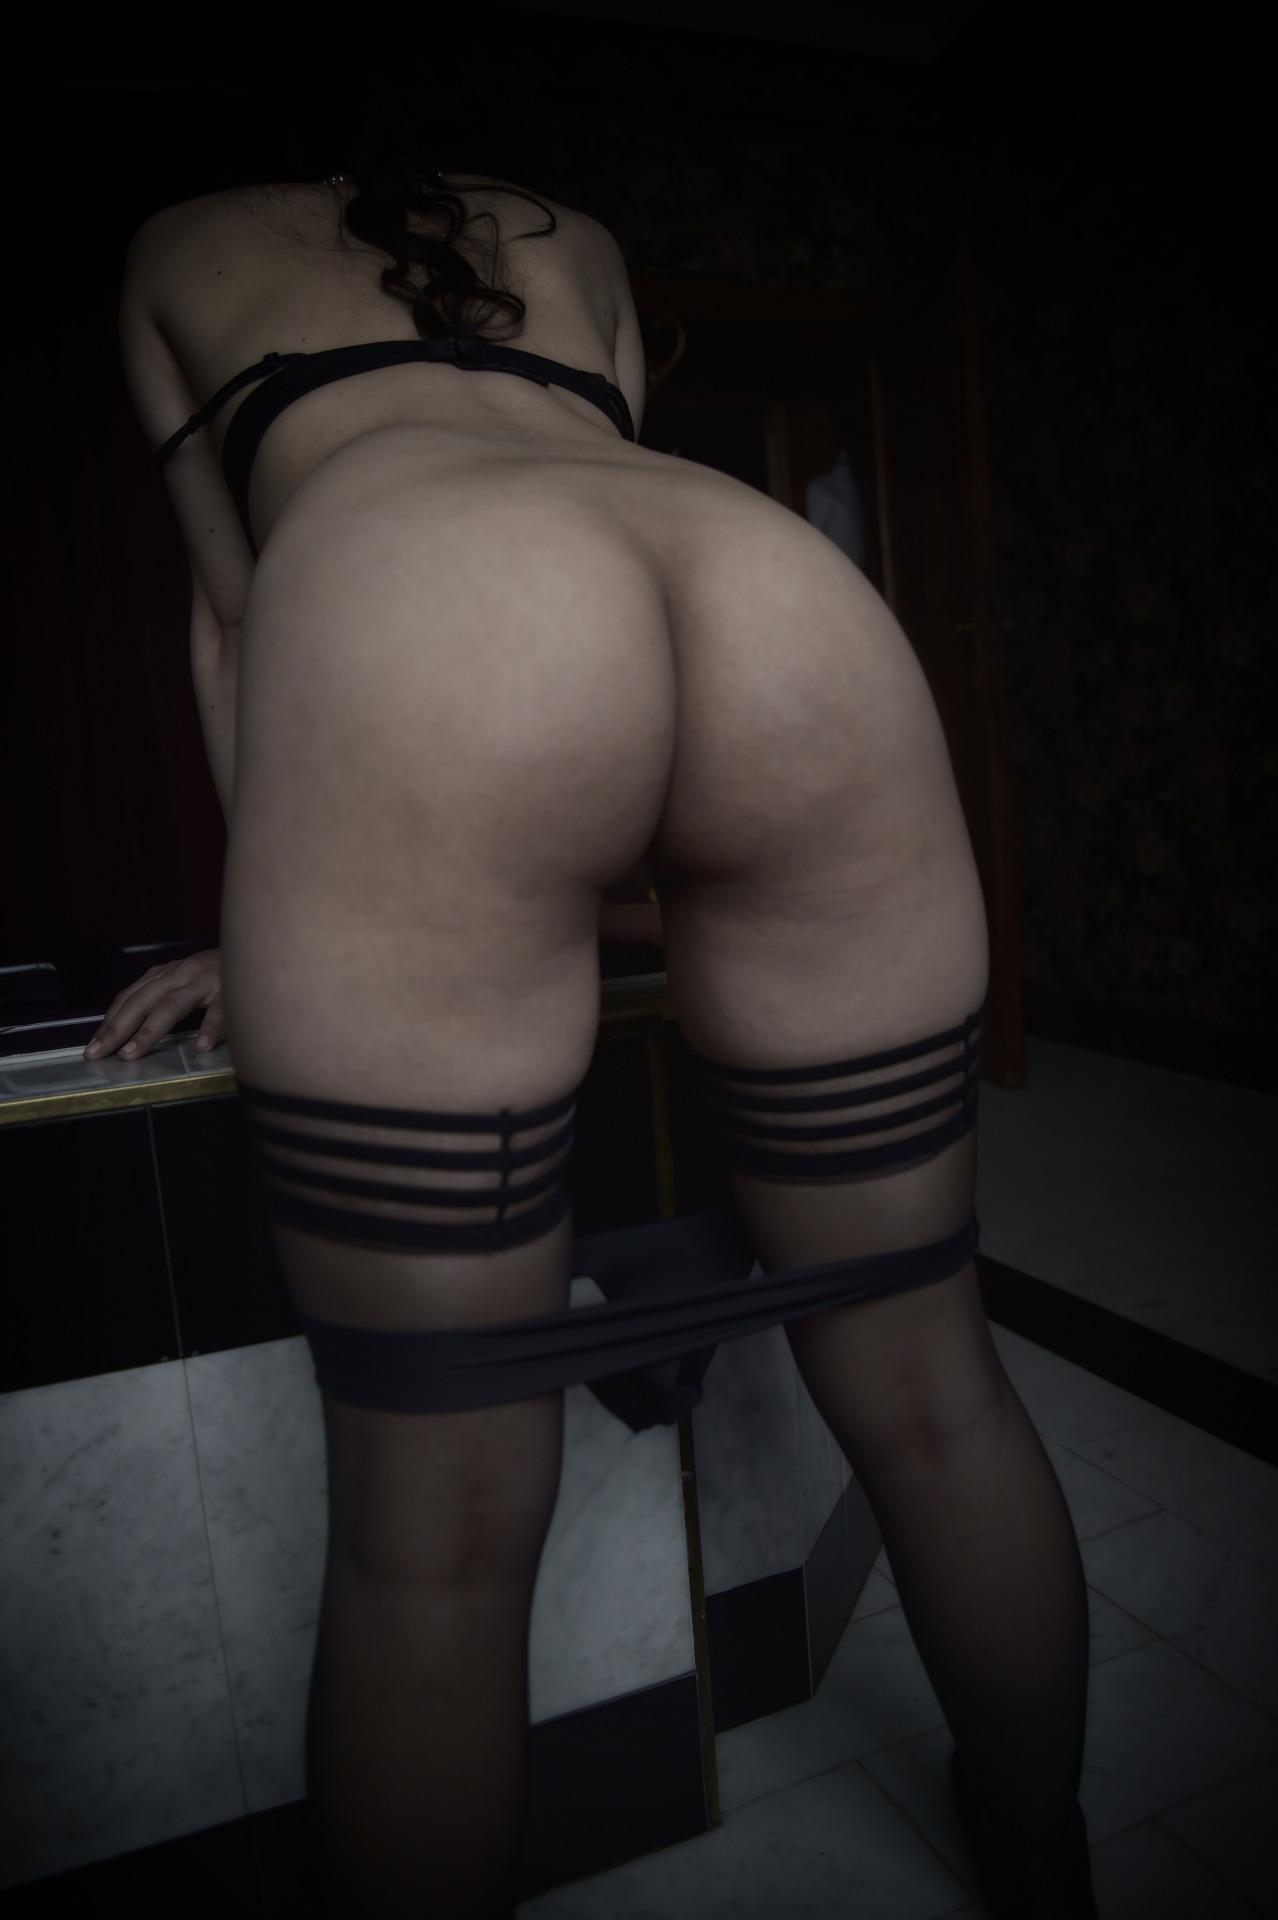 asholehu - erotika, szex, porno, kpek, videok, cikkek